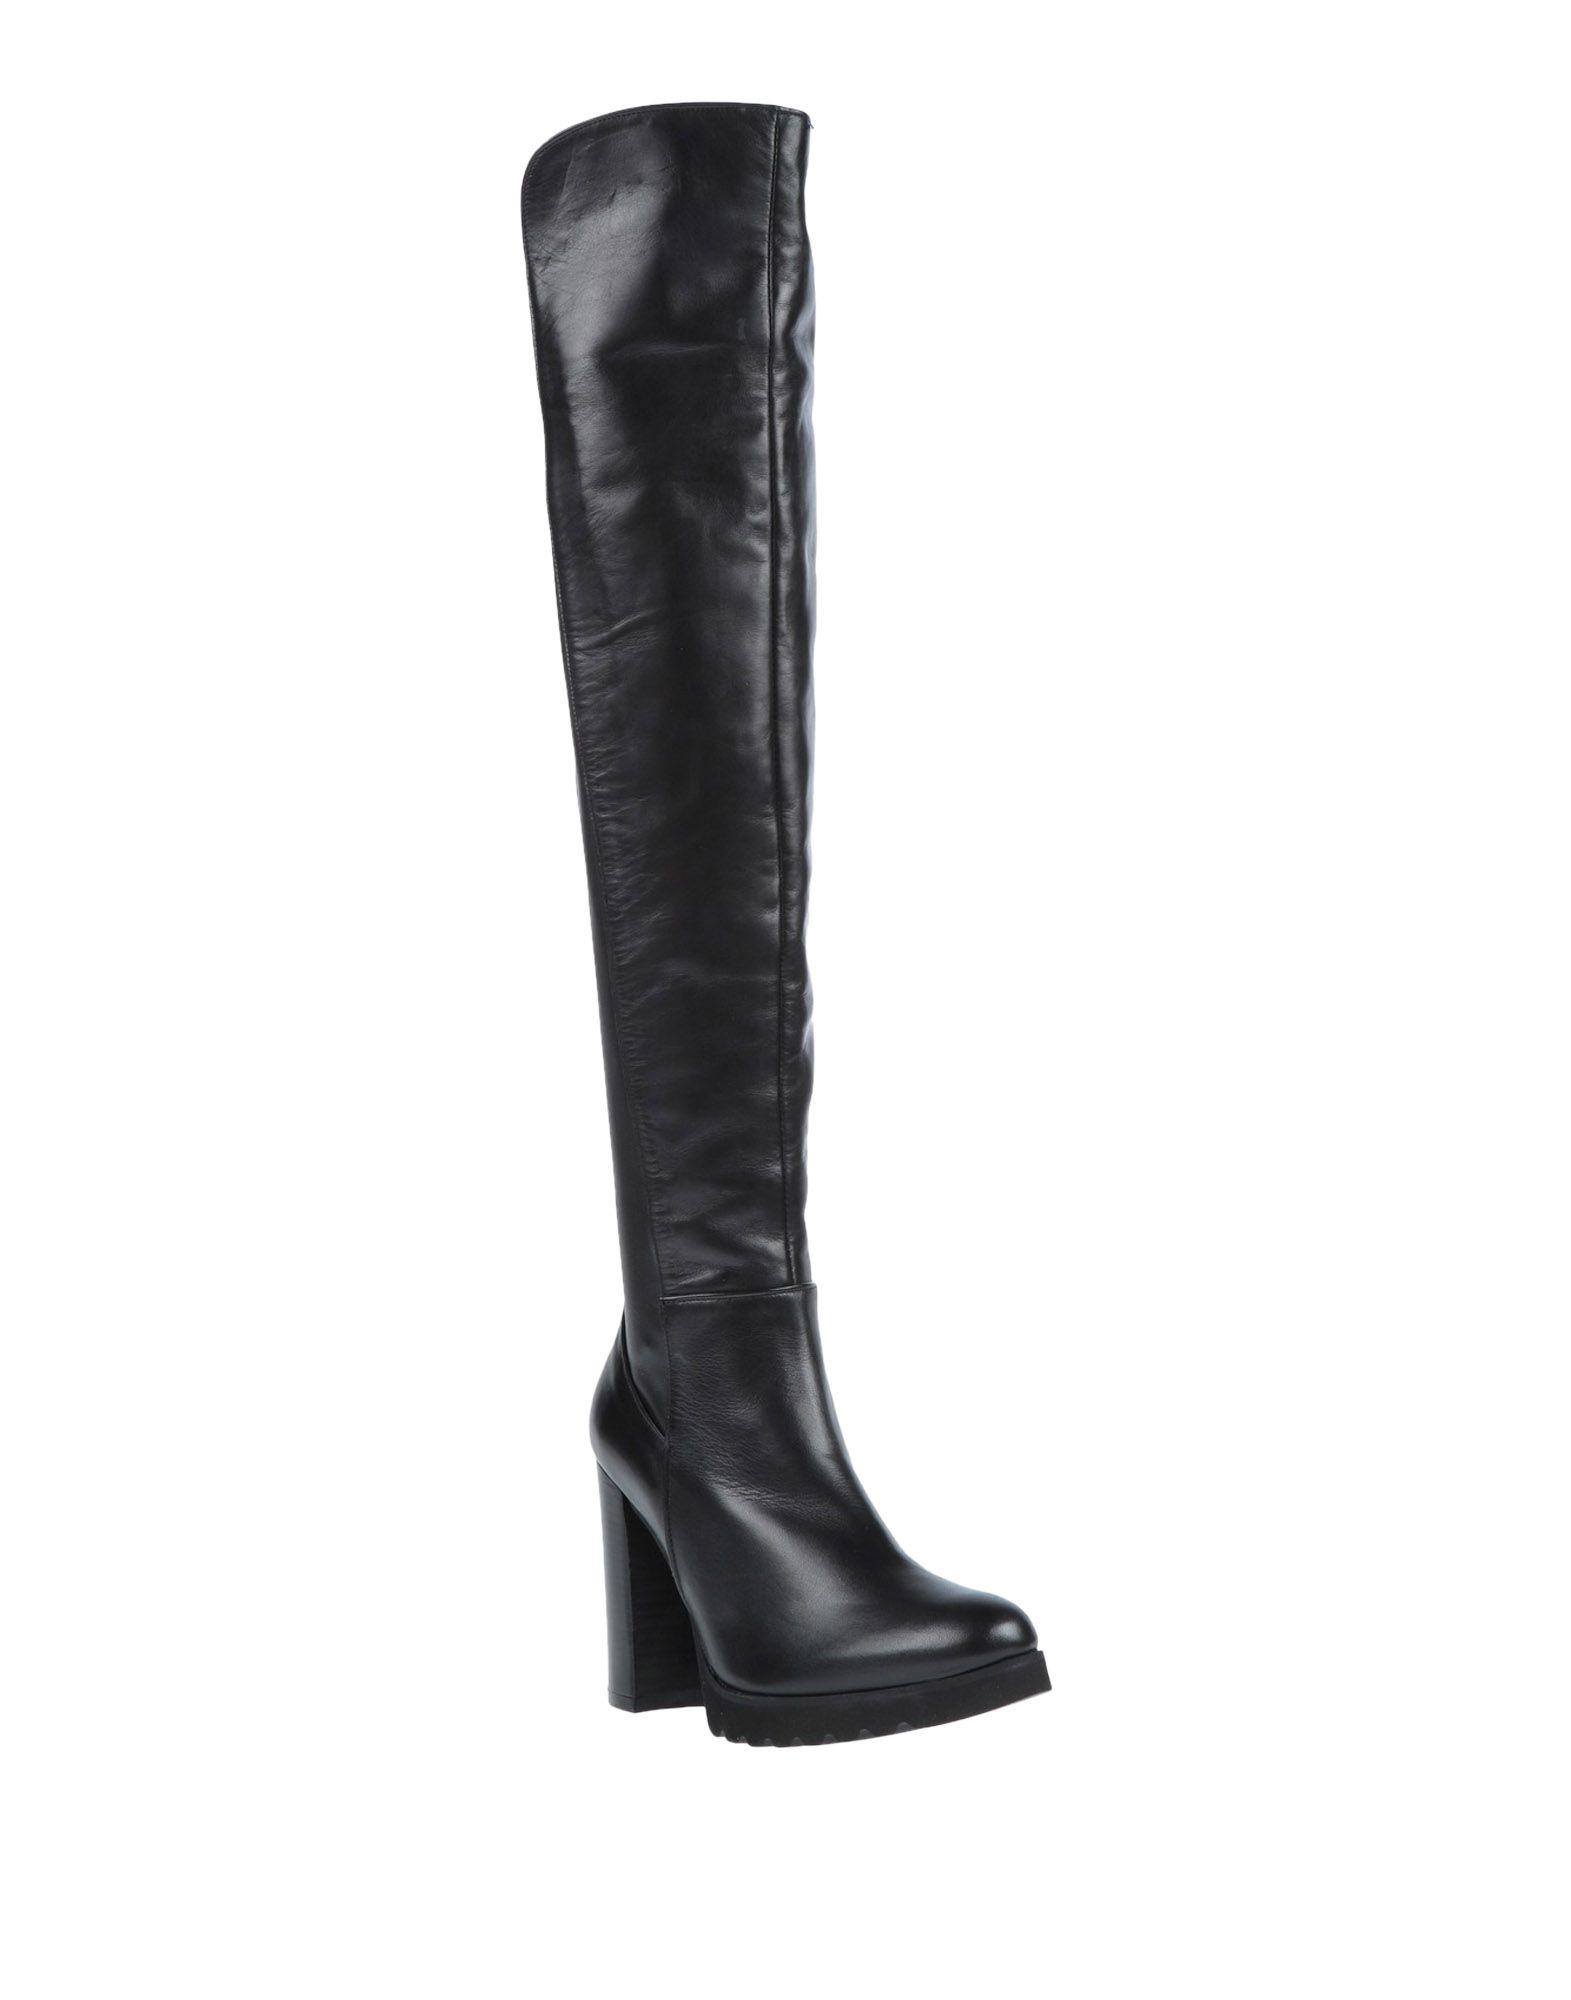 Gut Toi um billige Schuhe zu tragenBactá Dei Toi Gut Stiefel Damen  11516630FI 72d60c